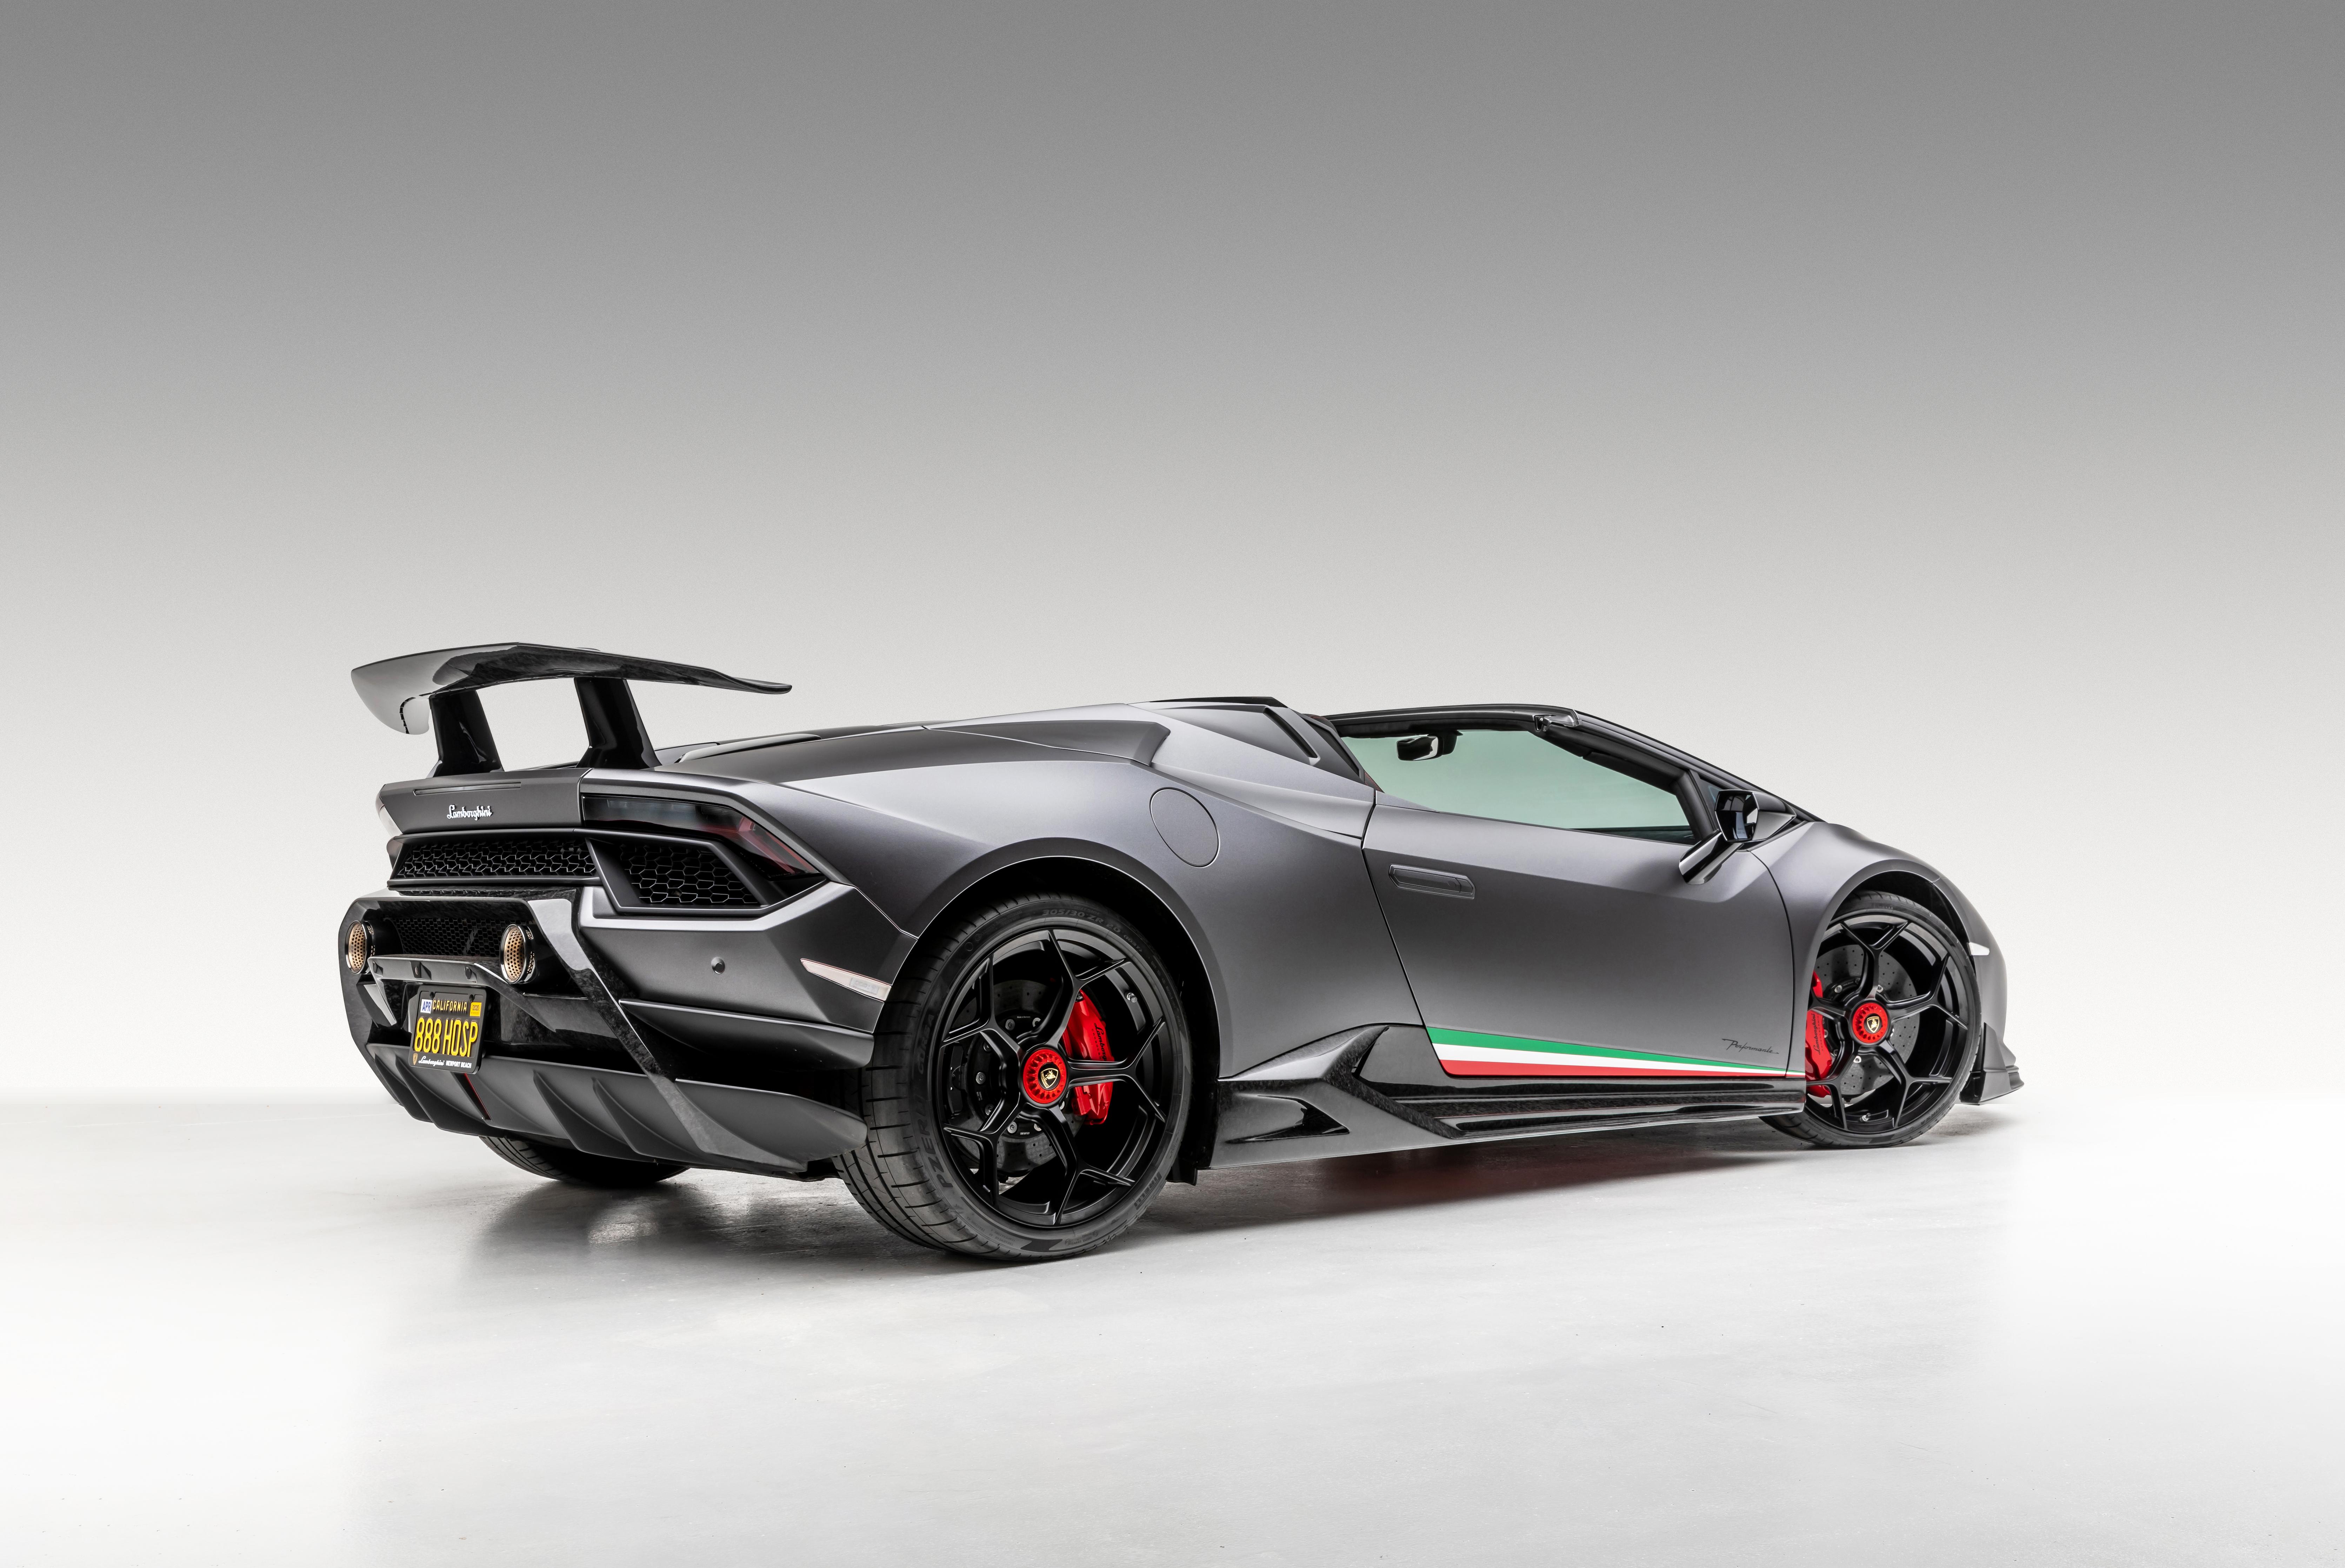 vorsteiner lamborghini huracan performante spyder vicenzo edizione 2019 1574936475 - Vorsteiner Lamborghini Huracan Performante Spyder Vicenzo Edizione 2019 -